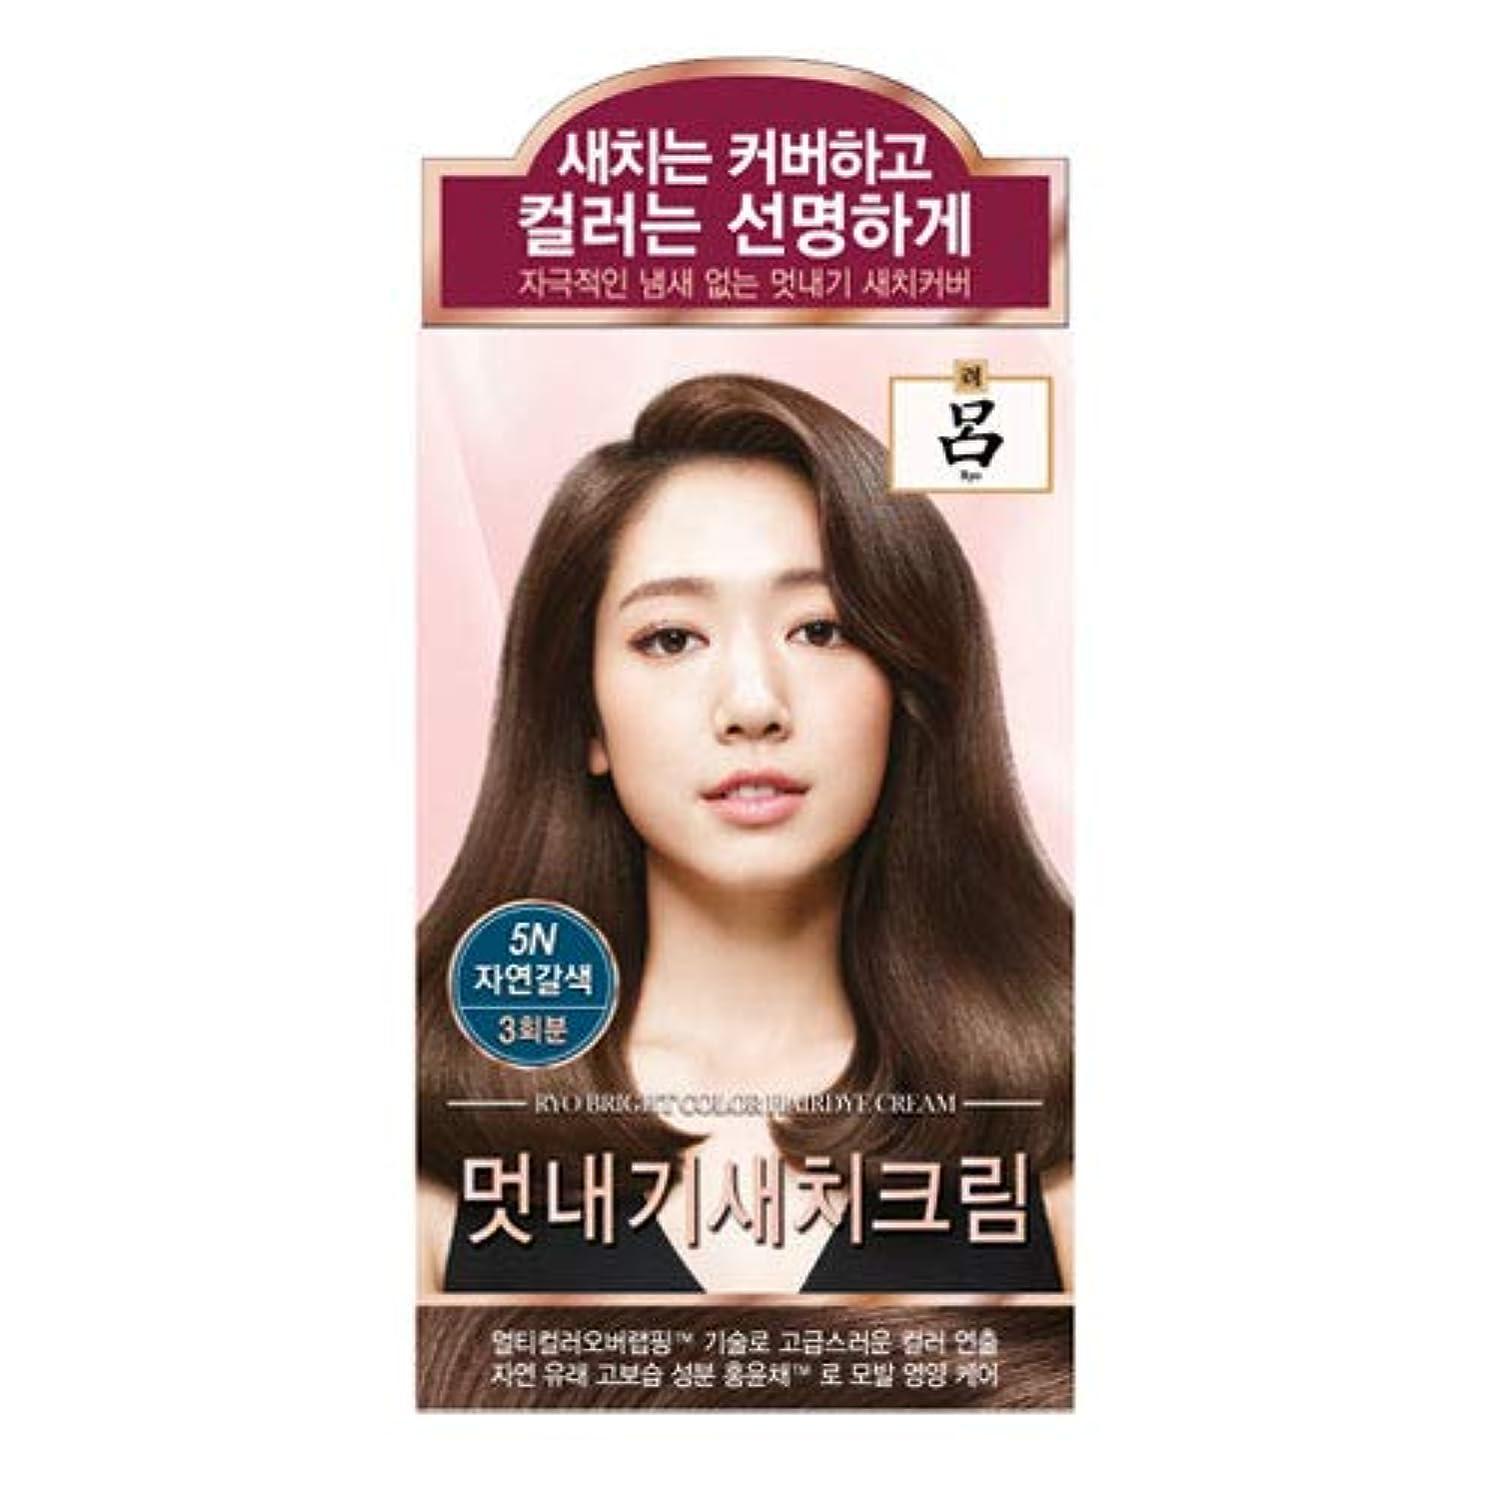 取り壊すコショウ出血アモーレパシフィック呂[AMOREPACIFIC/Ryo] ブライトカラーヘアアイクリーム 5N ナチュラルブラウン/Bright Color Hairdye Cream 5N Natural Brown